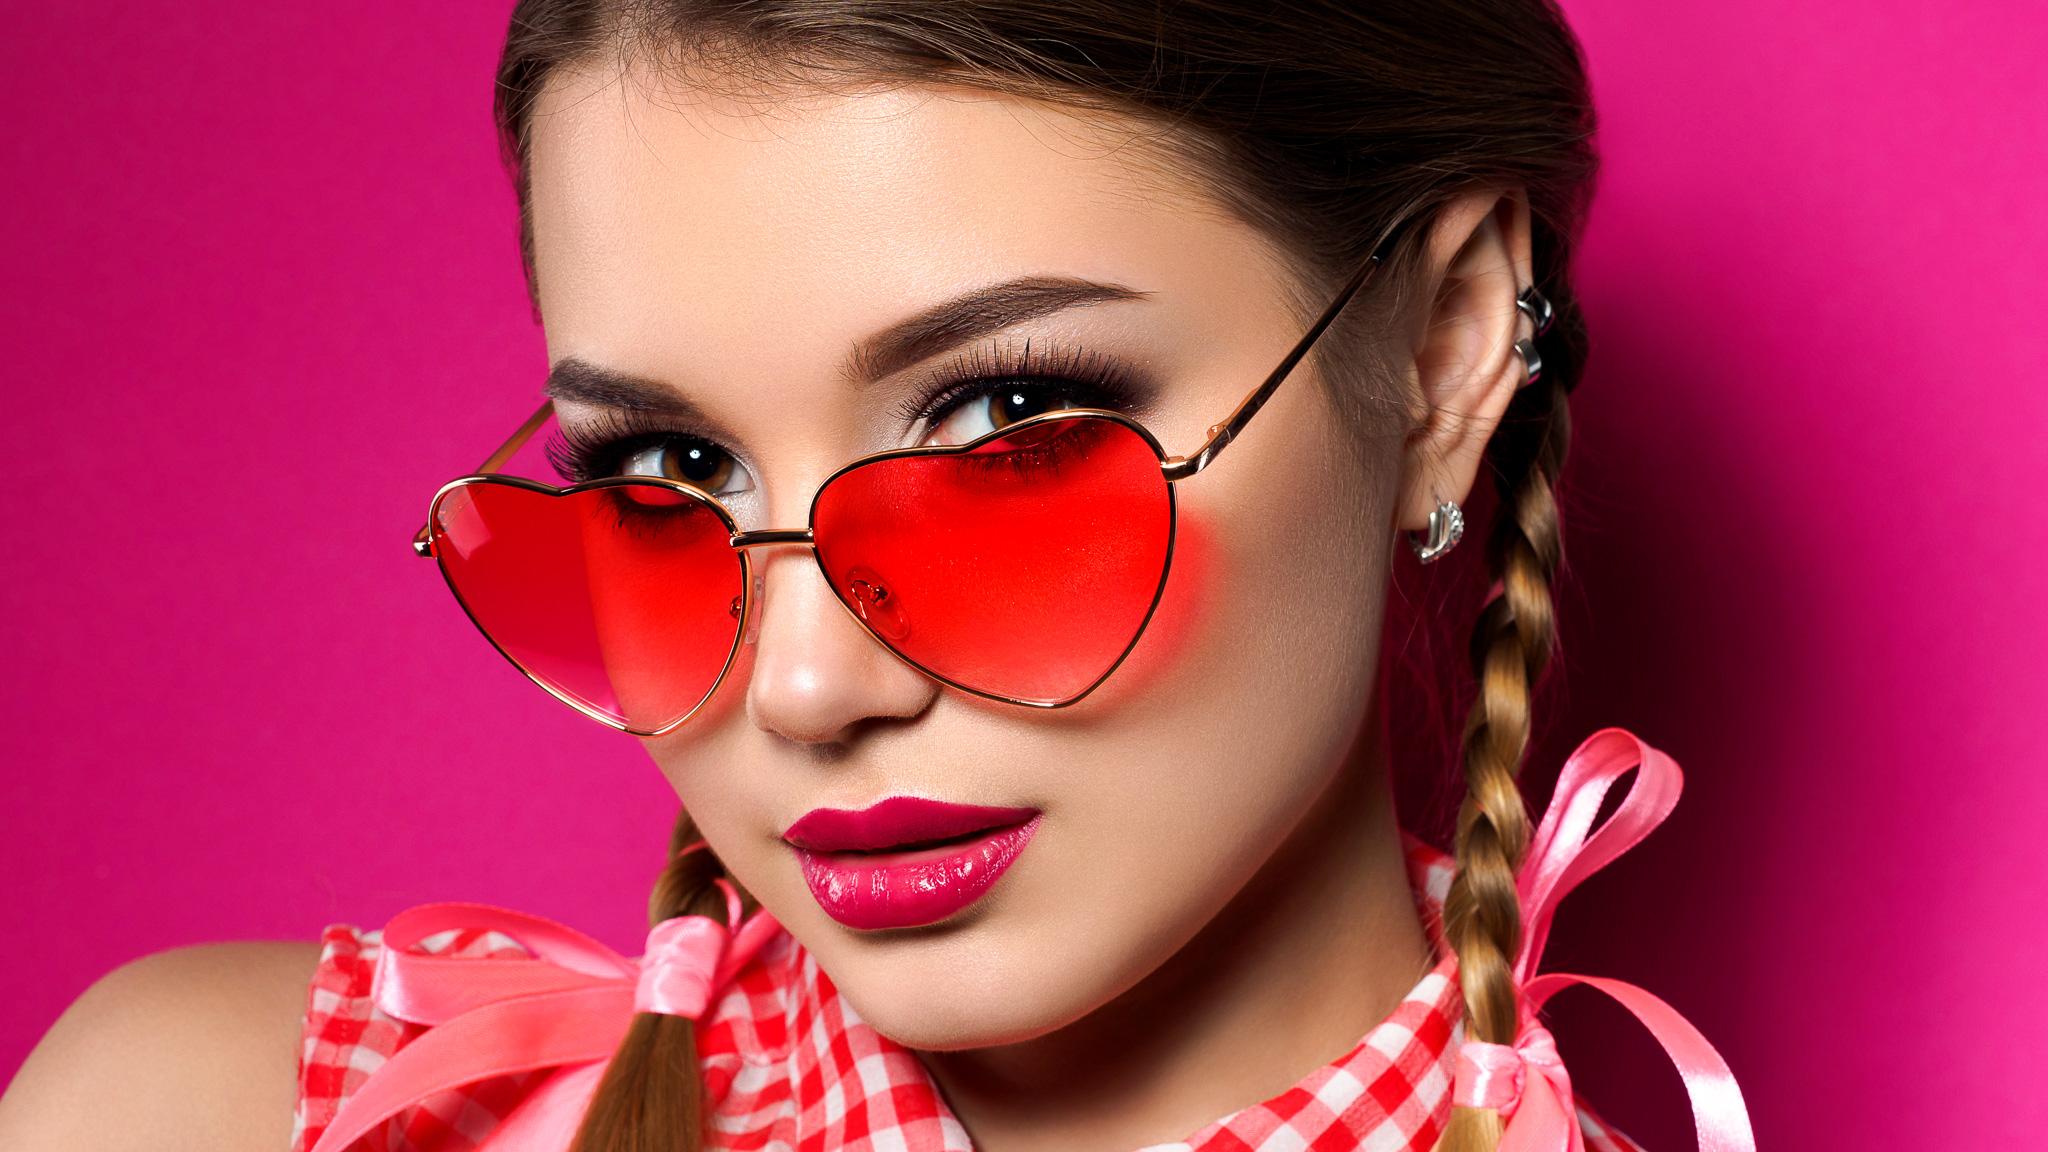 Pomysły na prezenty walentynkowe Last Minute top MEDIARUN Kobieta okulary serca walentynki 2020 v1